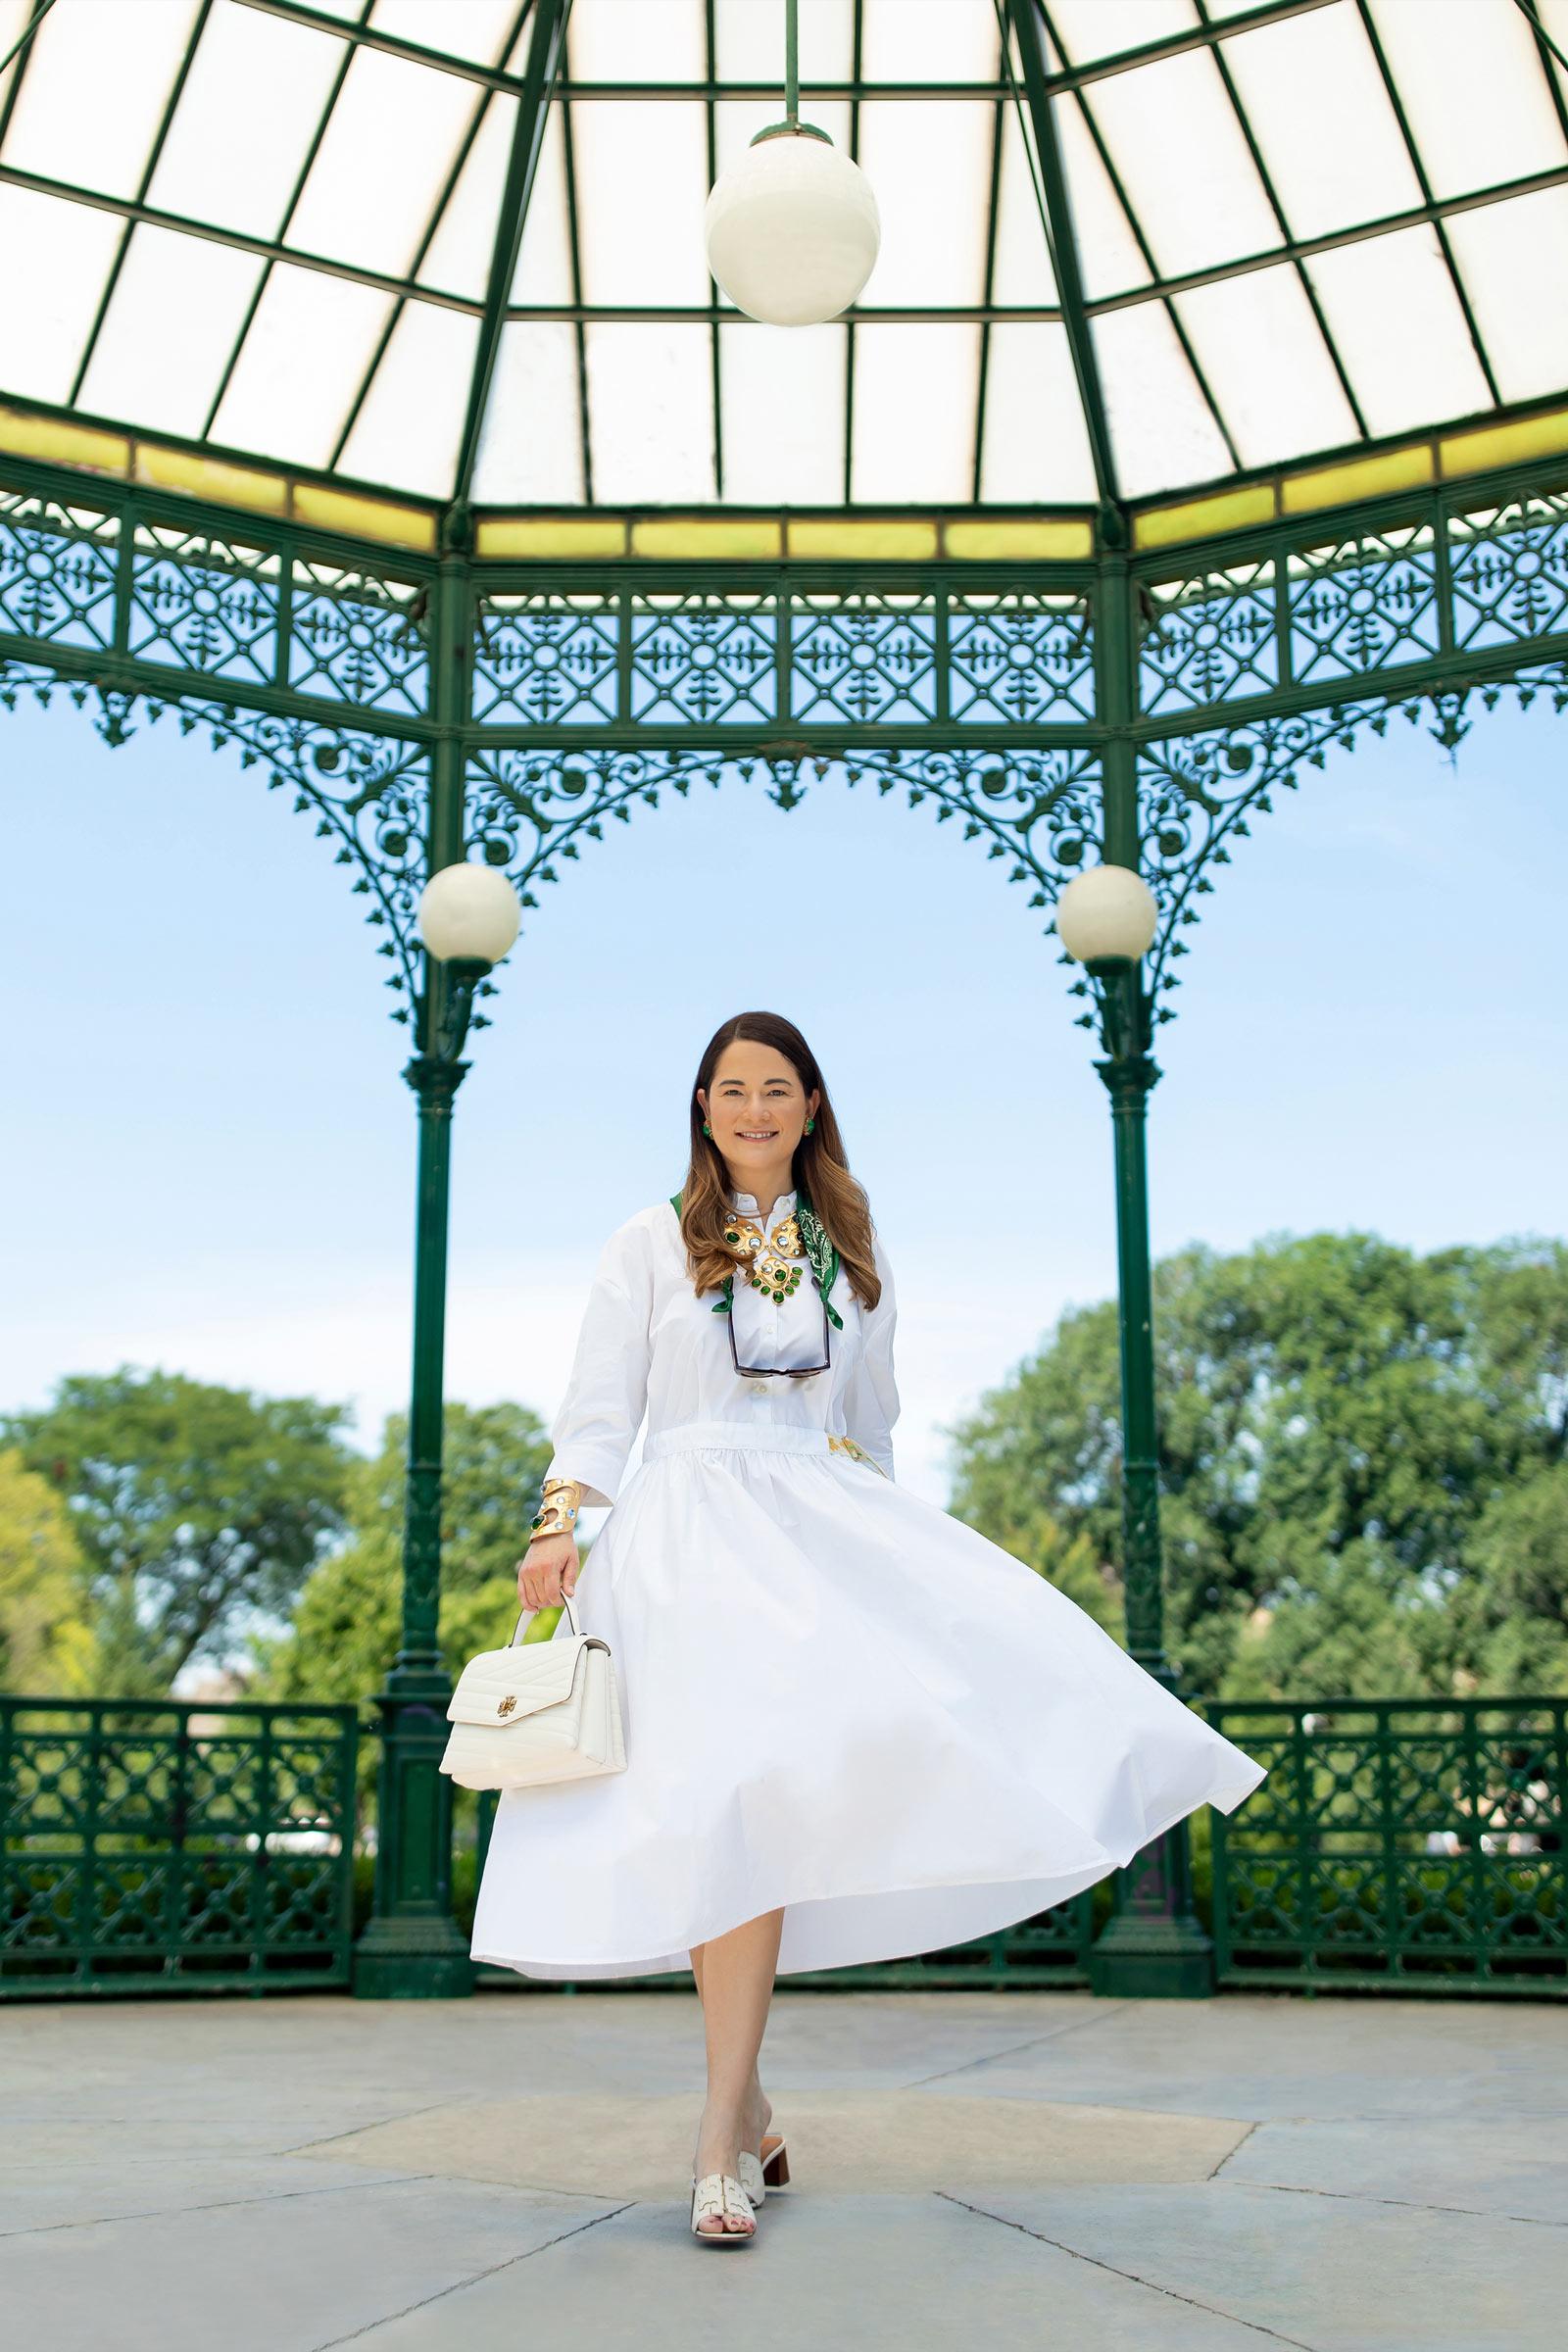 Jennifer Lake Tory Burch White Dress